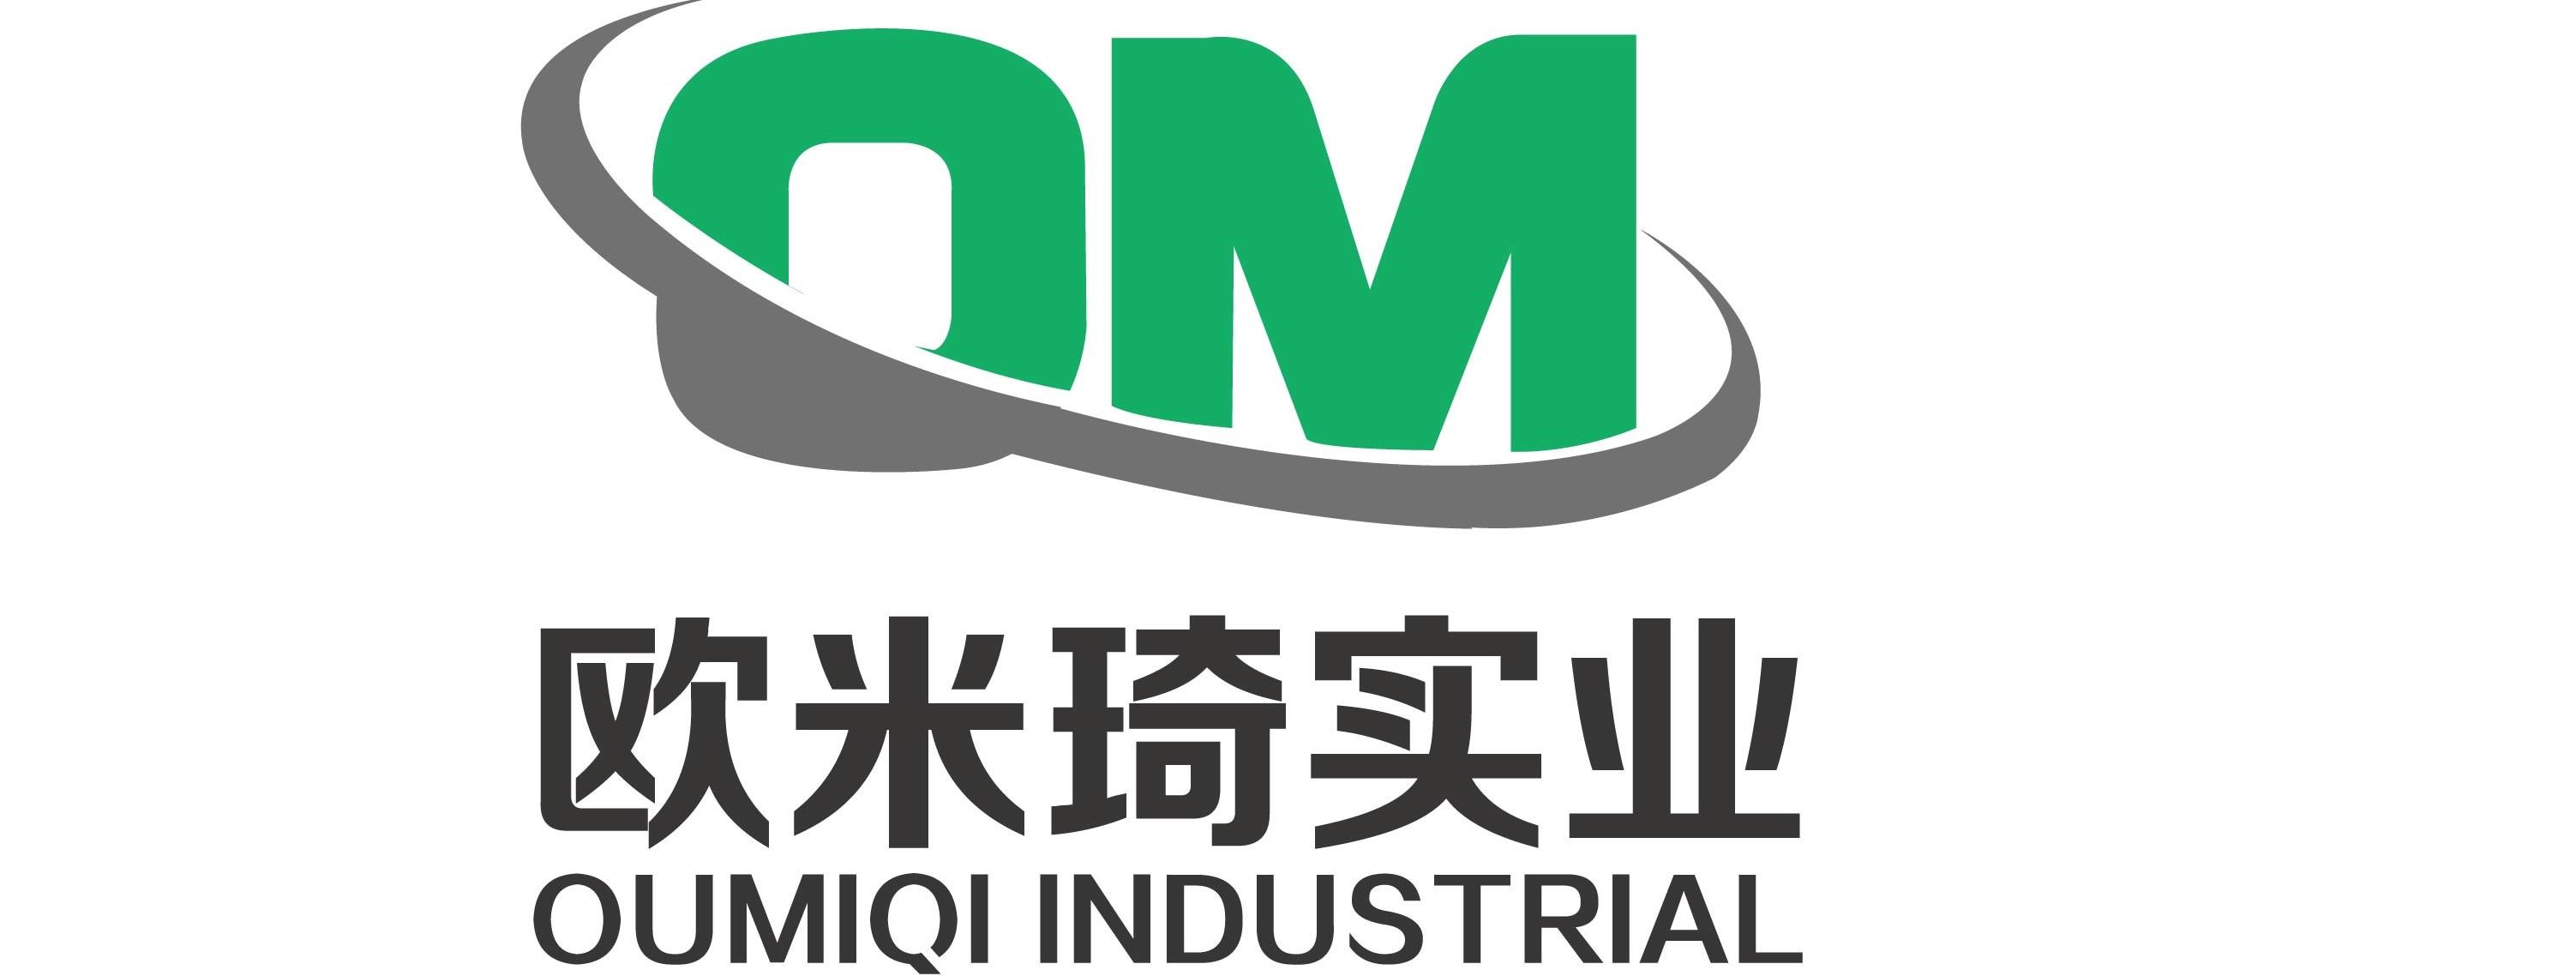 上海欧米琦实业发展有限公司